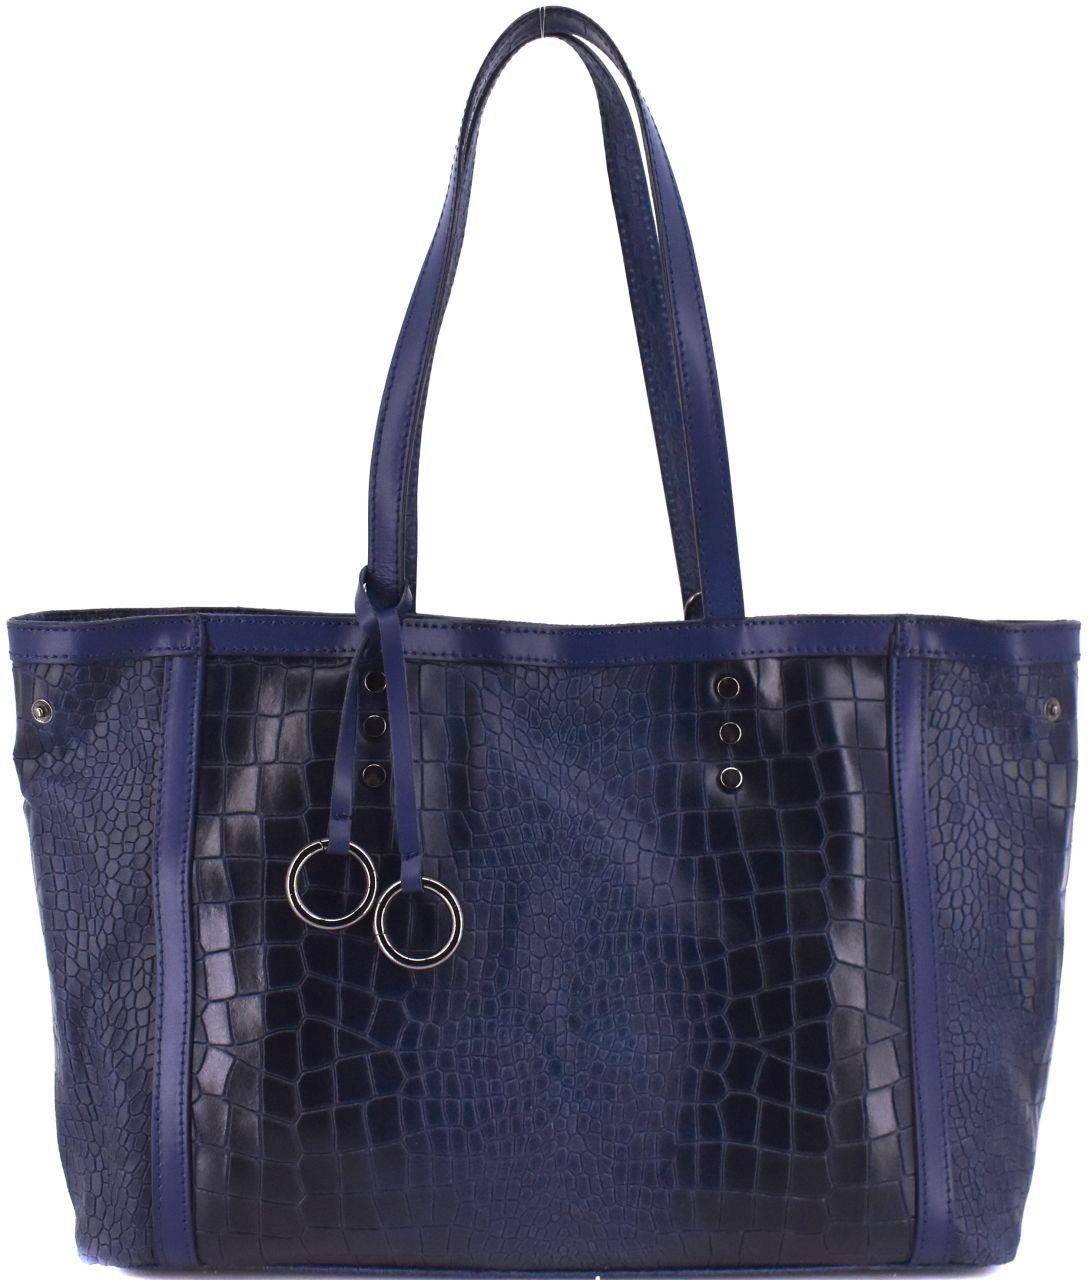 Dámská kožená kabelka Arteddy - tmavě modrá 31034